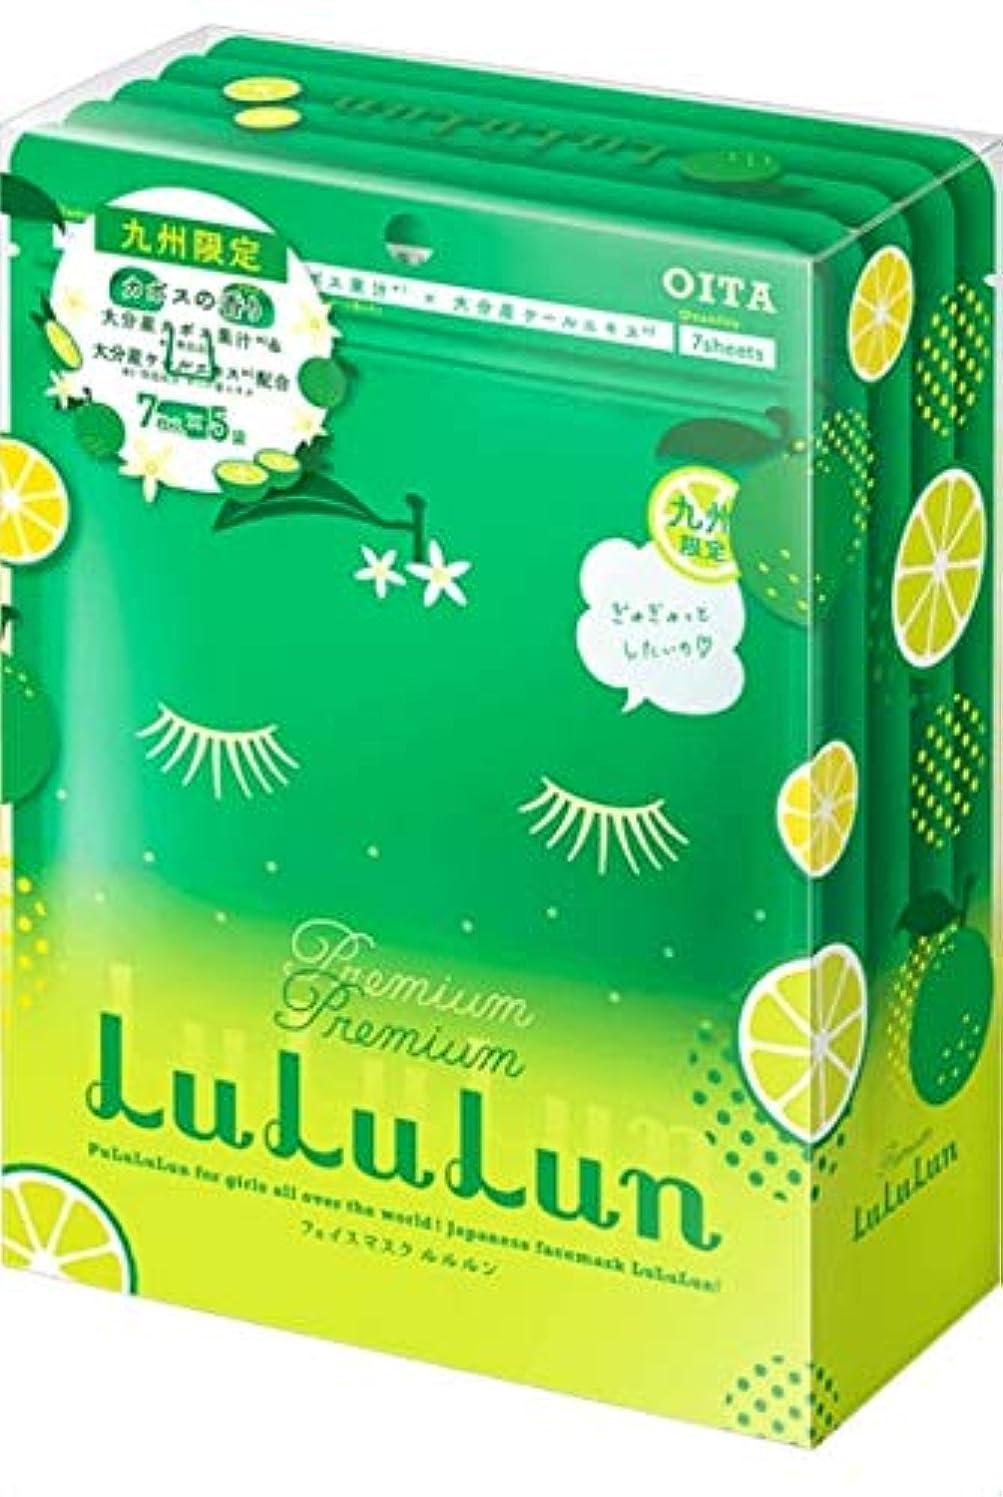 ダウンタウントースト肥沃な九州プレミアム LuLuLun (ルルルン) フェイスマスク カボスの香り 7枚×5袋